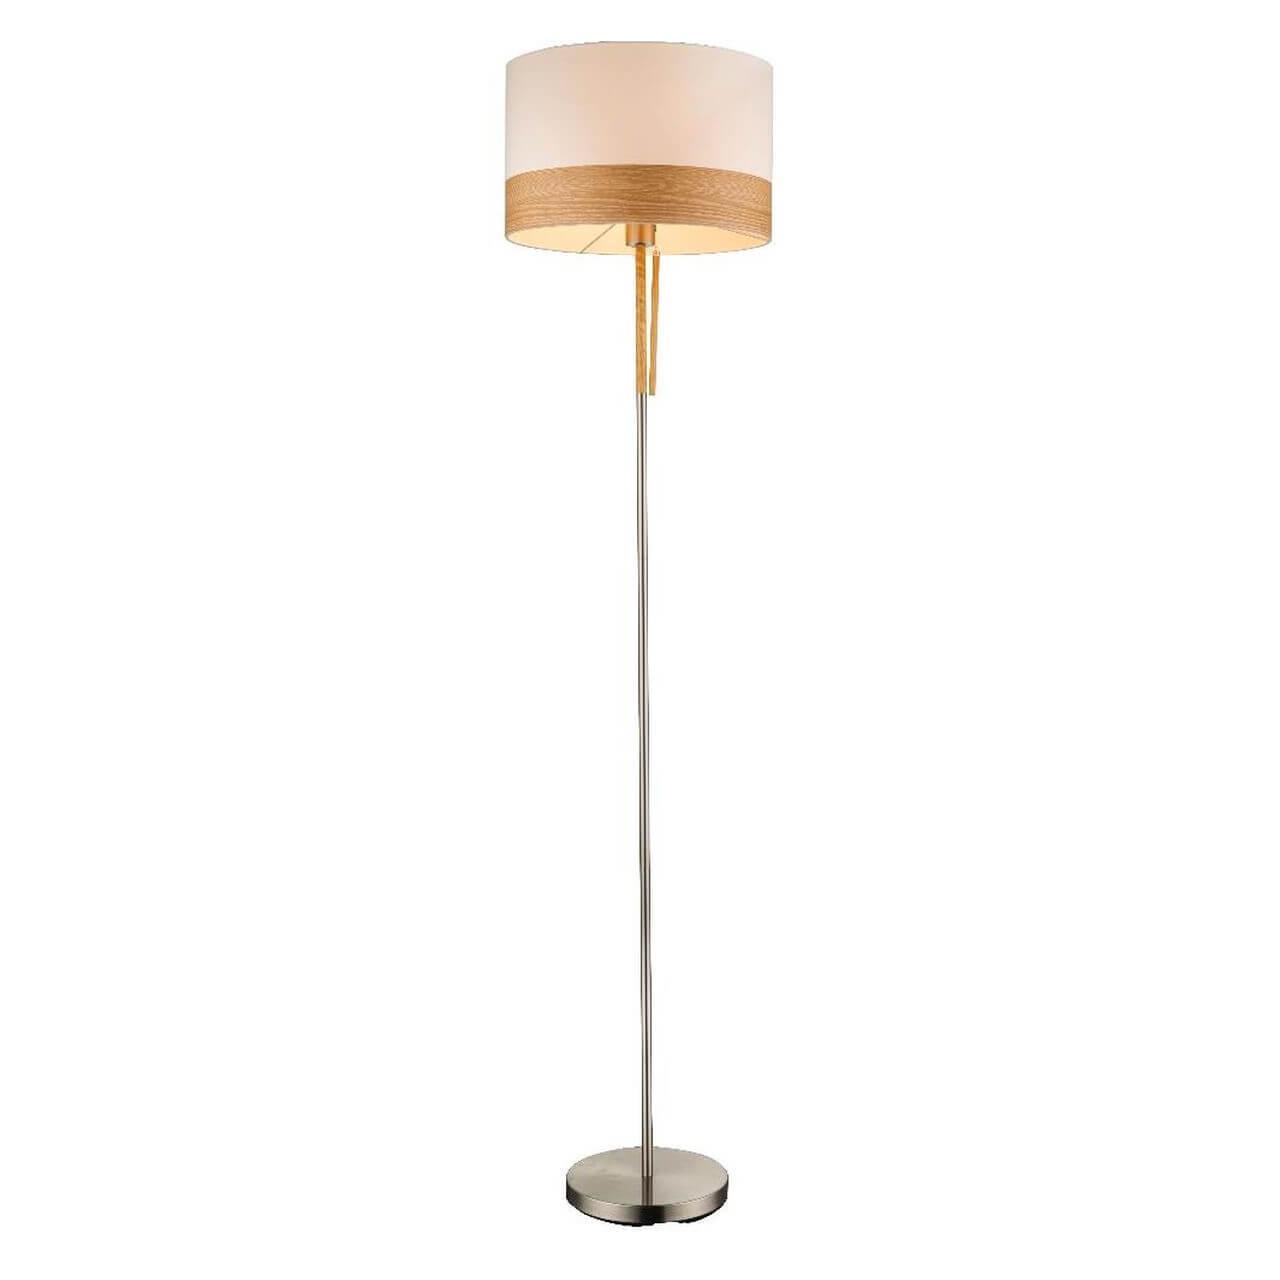 лучшая цена Напольный светильник Globo 15221S, E27, 60 Вт